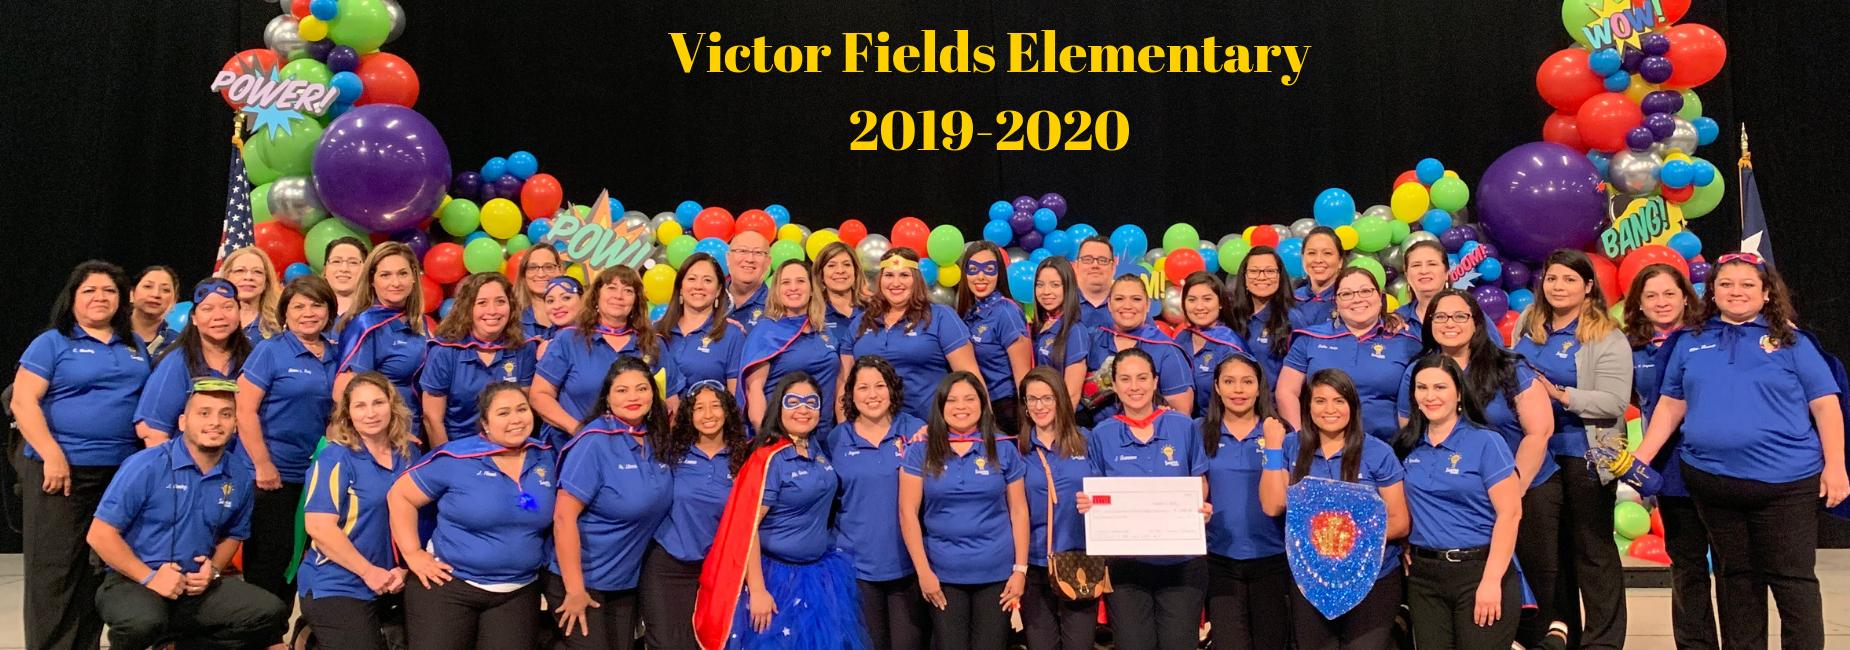 Victor Fields Elementary